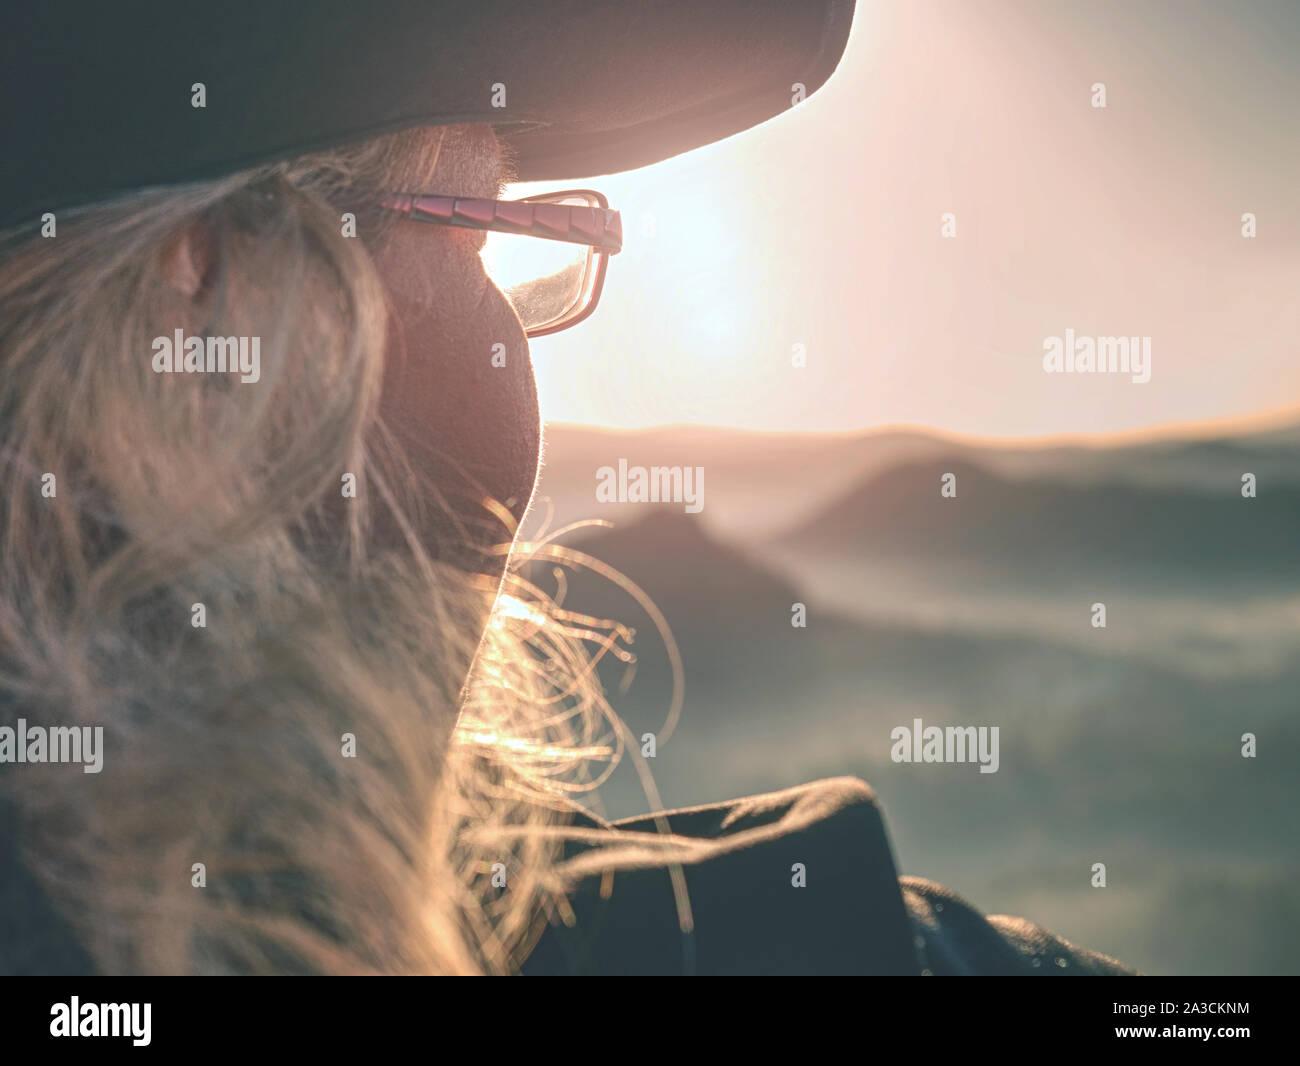 Hermosa joven turista disfrutar el amanecer en la esquina afilada de roca arenisca y tutelarán el valle del sol. Foto de stock